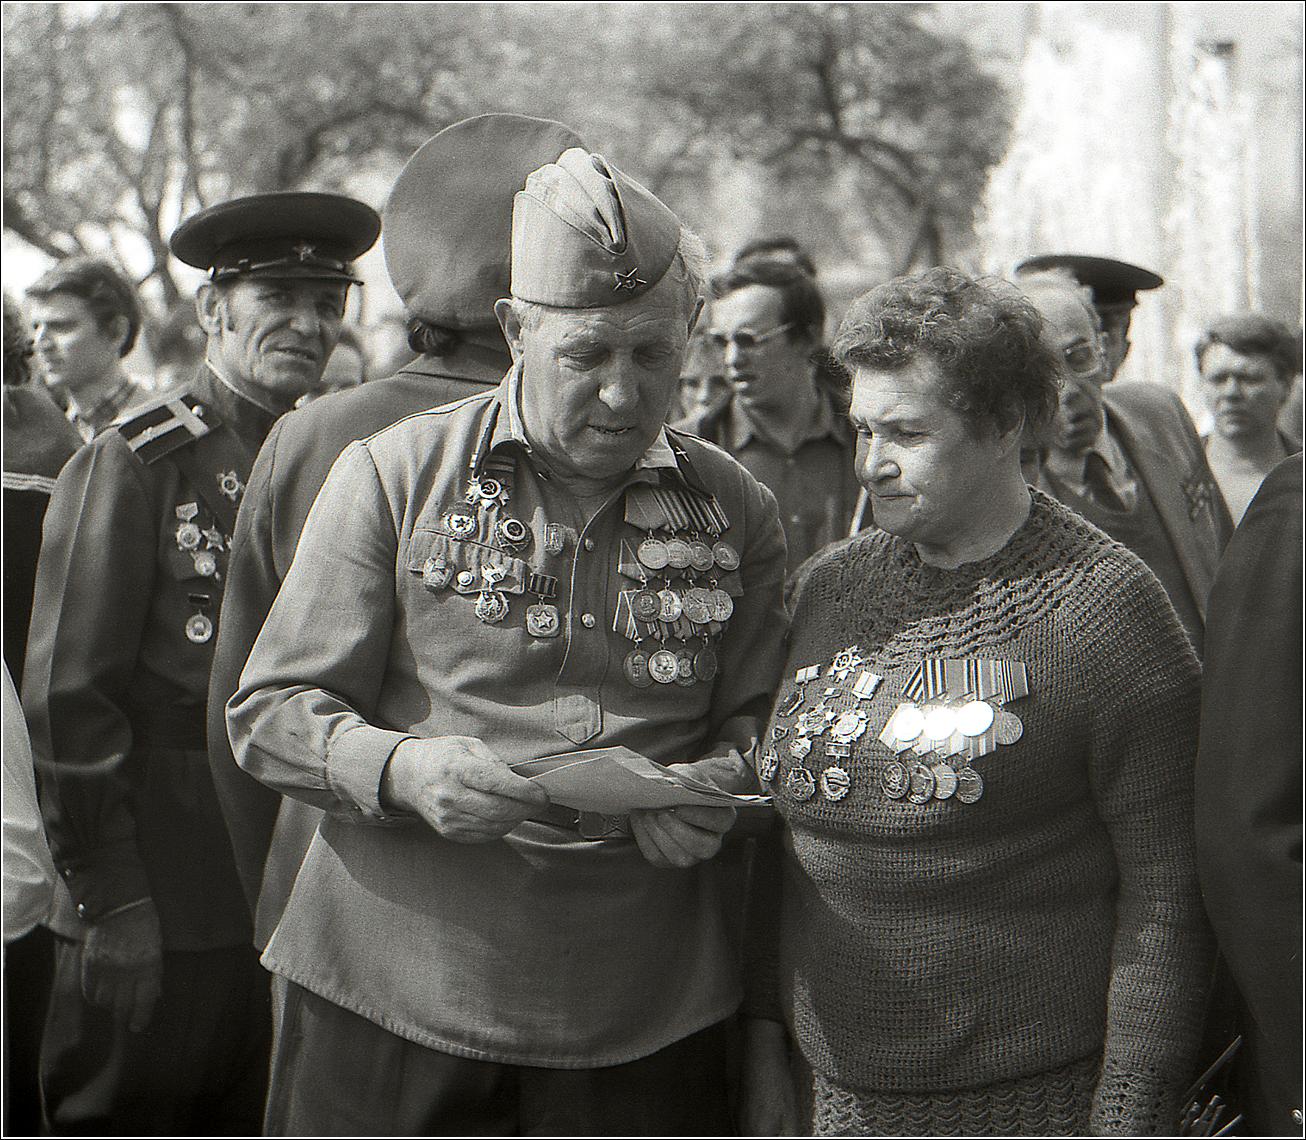 178. 1991. Встреча ветеранов ВОВ у Большого театра. 9 мая.